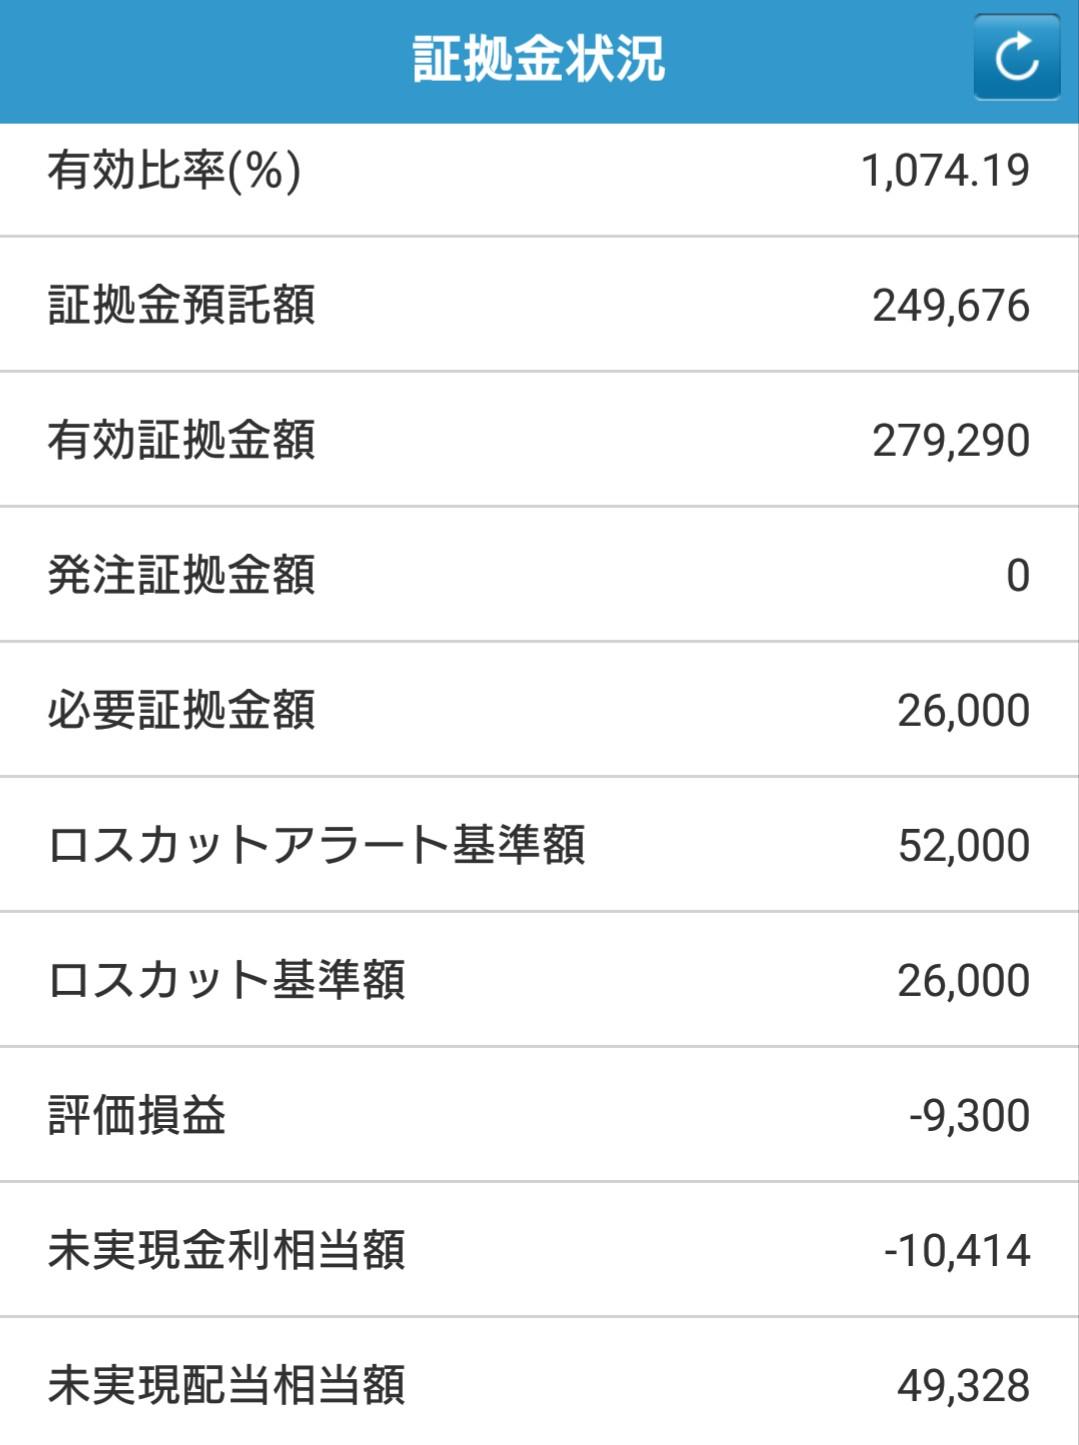 株価指数CFD201902運用